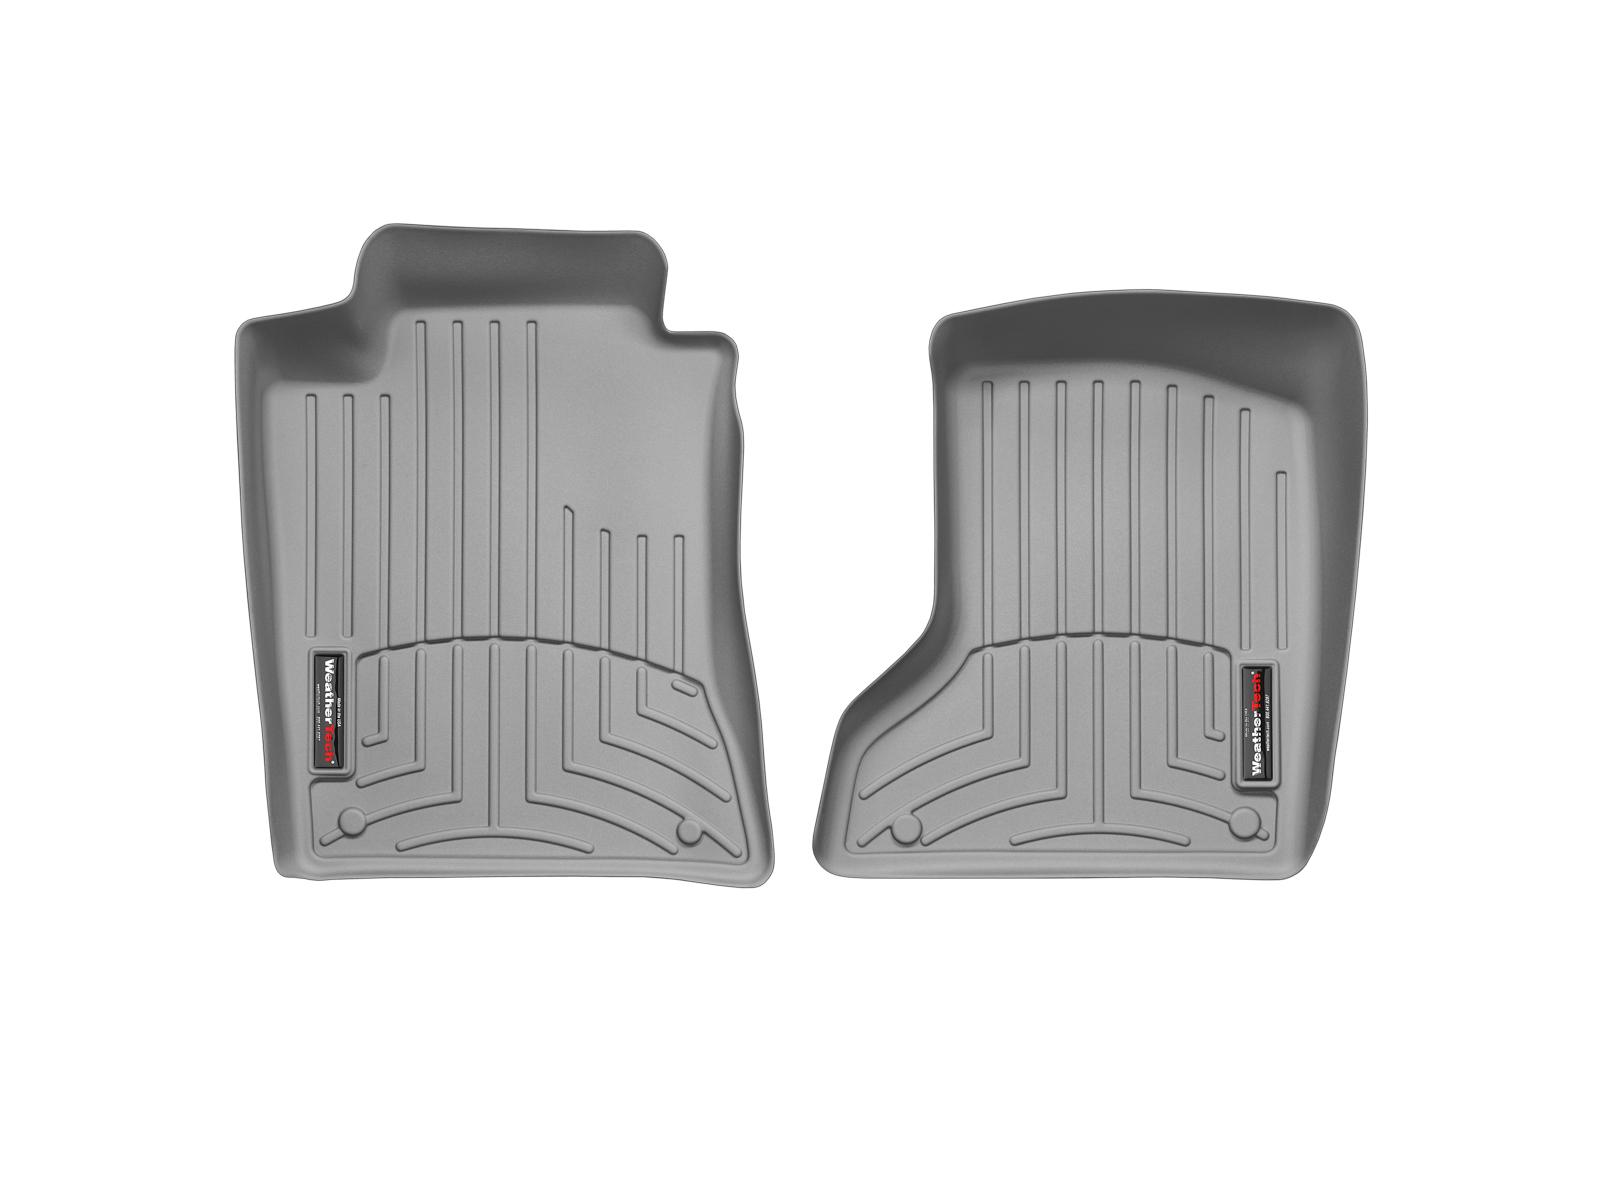 Tappeti gomma su misura bordo alto Mercedes E-Class 02>09 Grigio A2344*